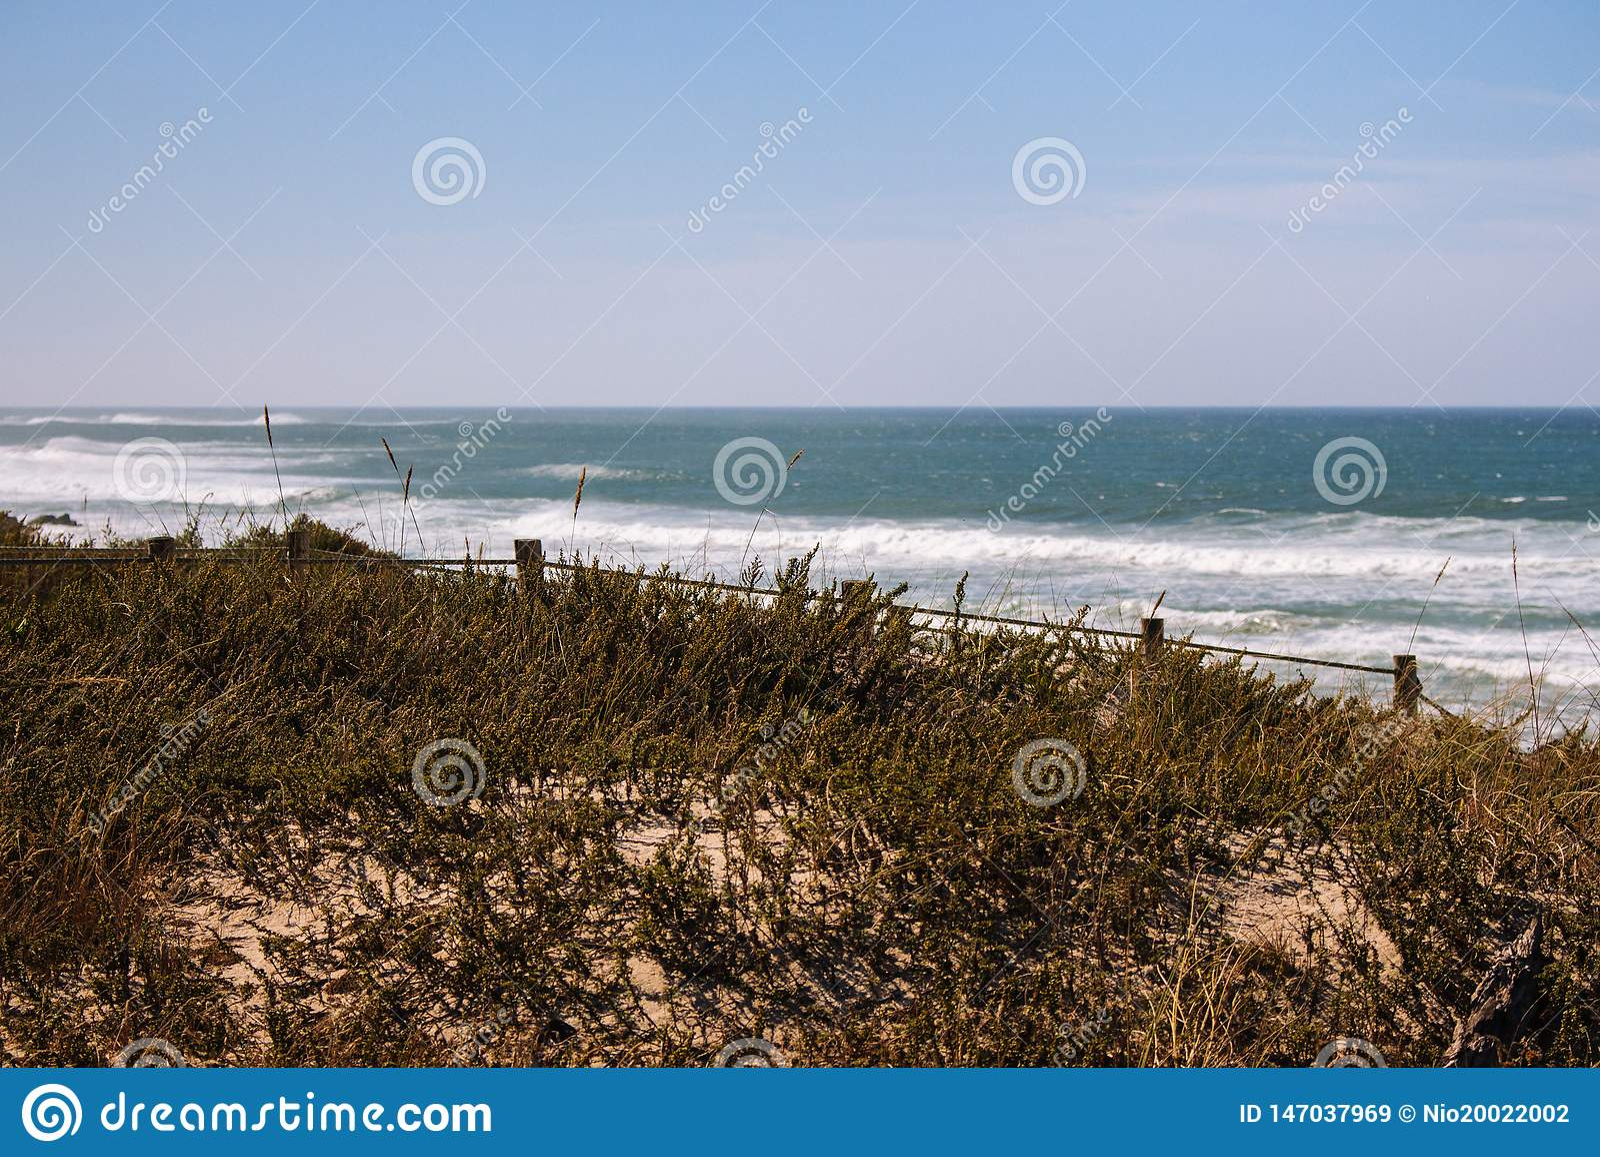 Panoramisch landschap van de kust Breed strand van de Atlantische Oceaan met golven en graskust met omheining